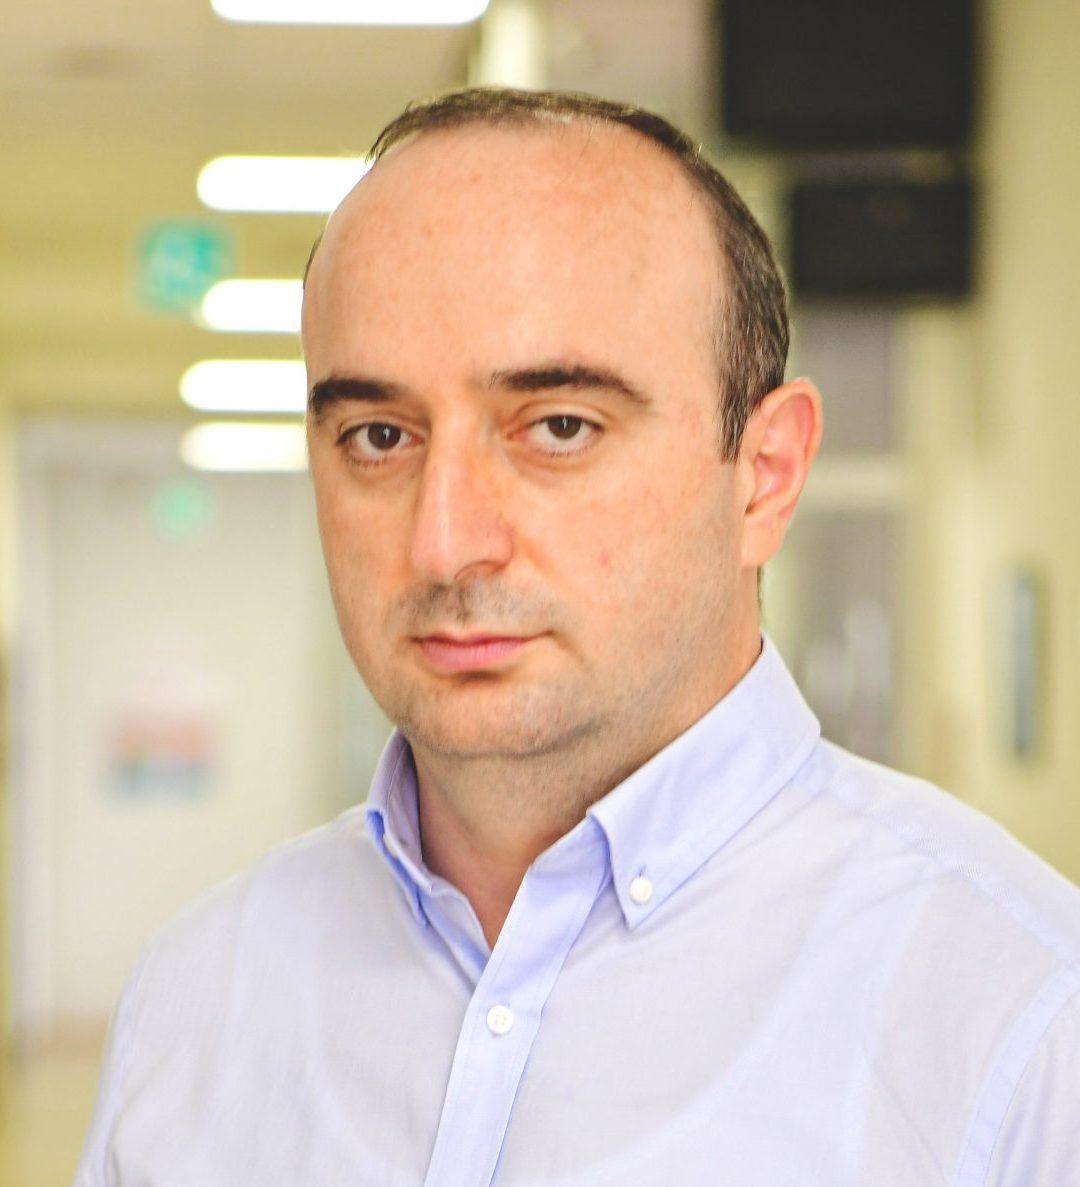 Malkhaz Toria